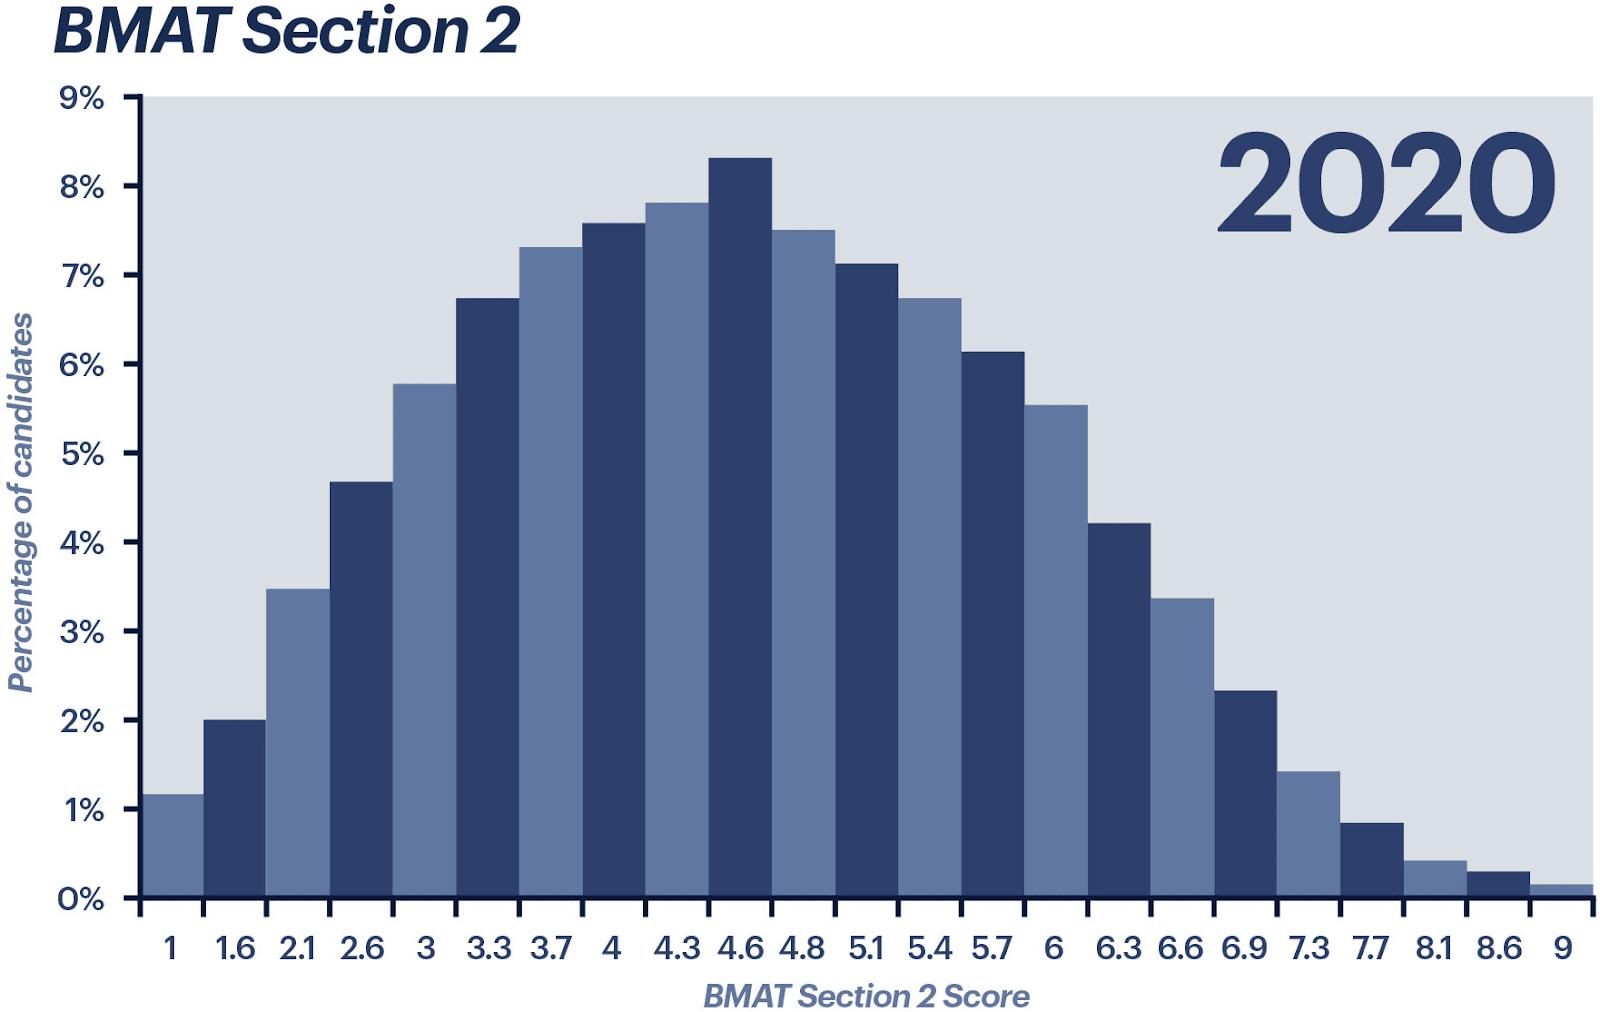 2020 BMAT Section 2 scores